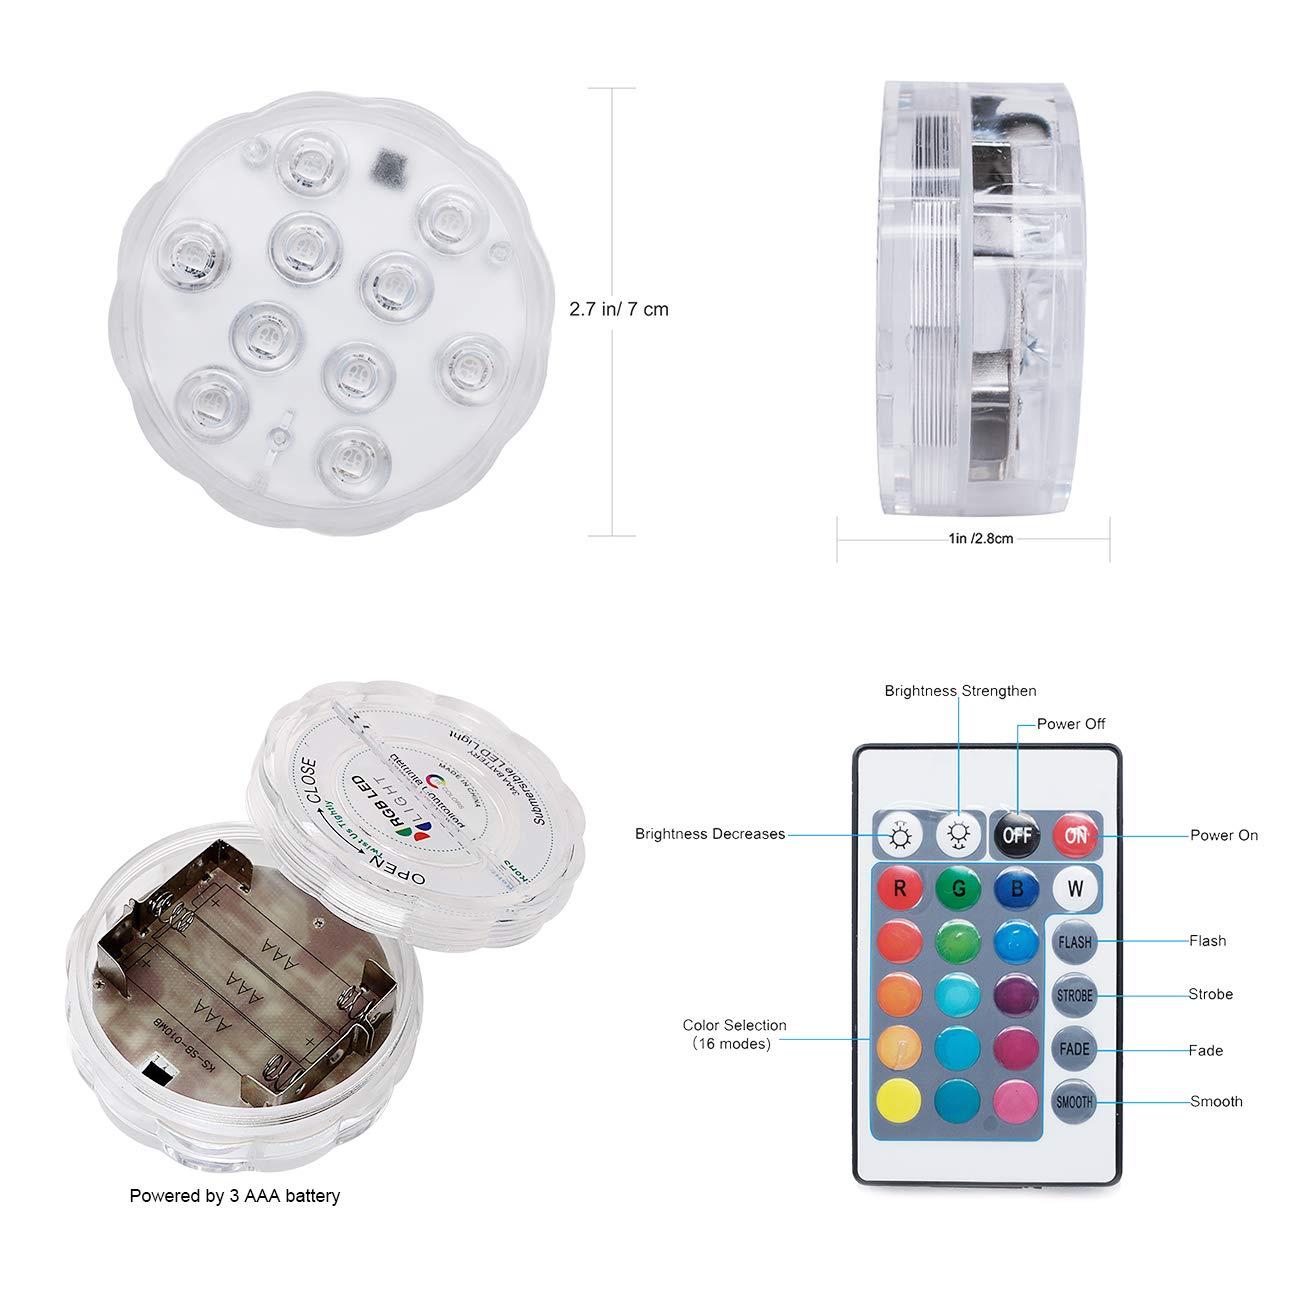 Luz Sumergible, Kolpop Luz Piscina con Mando A Distancia Con Batería 16 Colores que Cambian La Luz Impermeable IP68 para Piscina/Estanque / Acuario/Base de ...